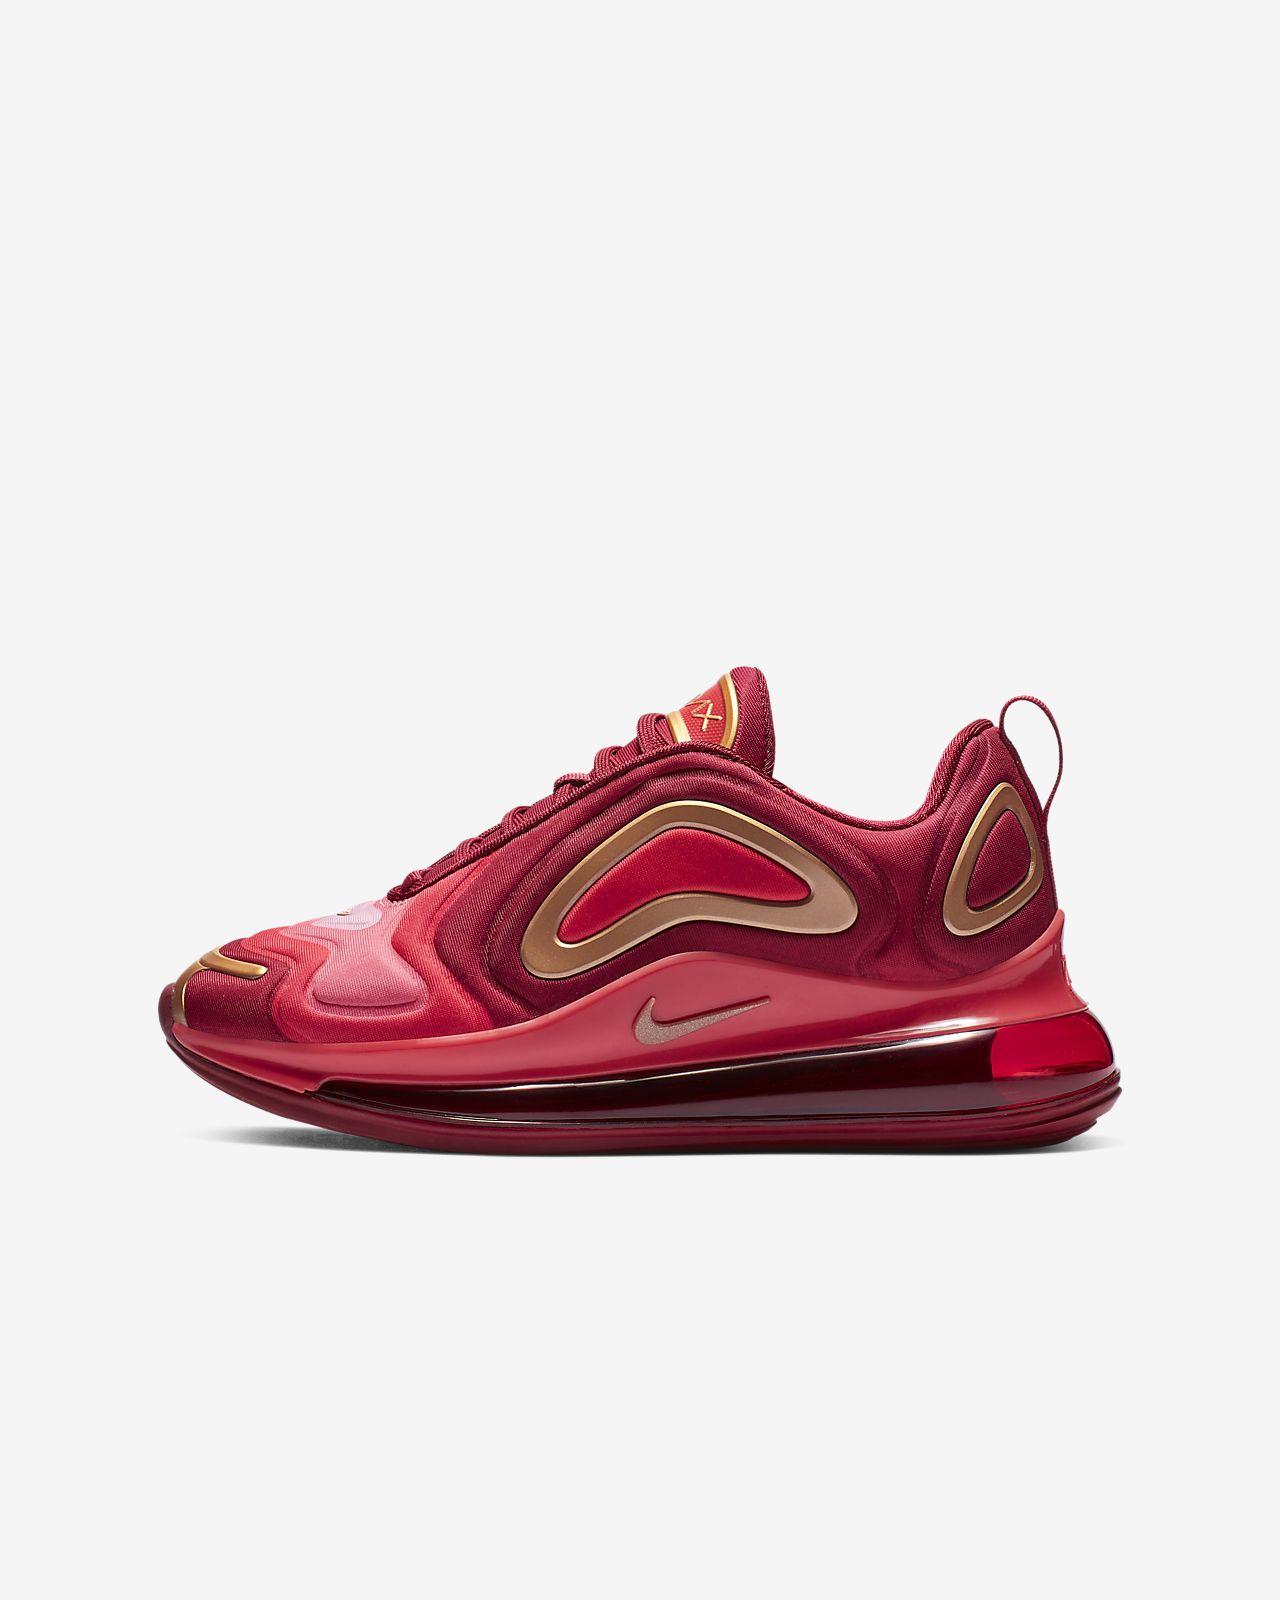 a53c14a7b8 Nike Air Max 720 cipő gyerekeknek/nagyobb gyerekeknek. Nike.com HU